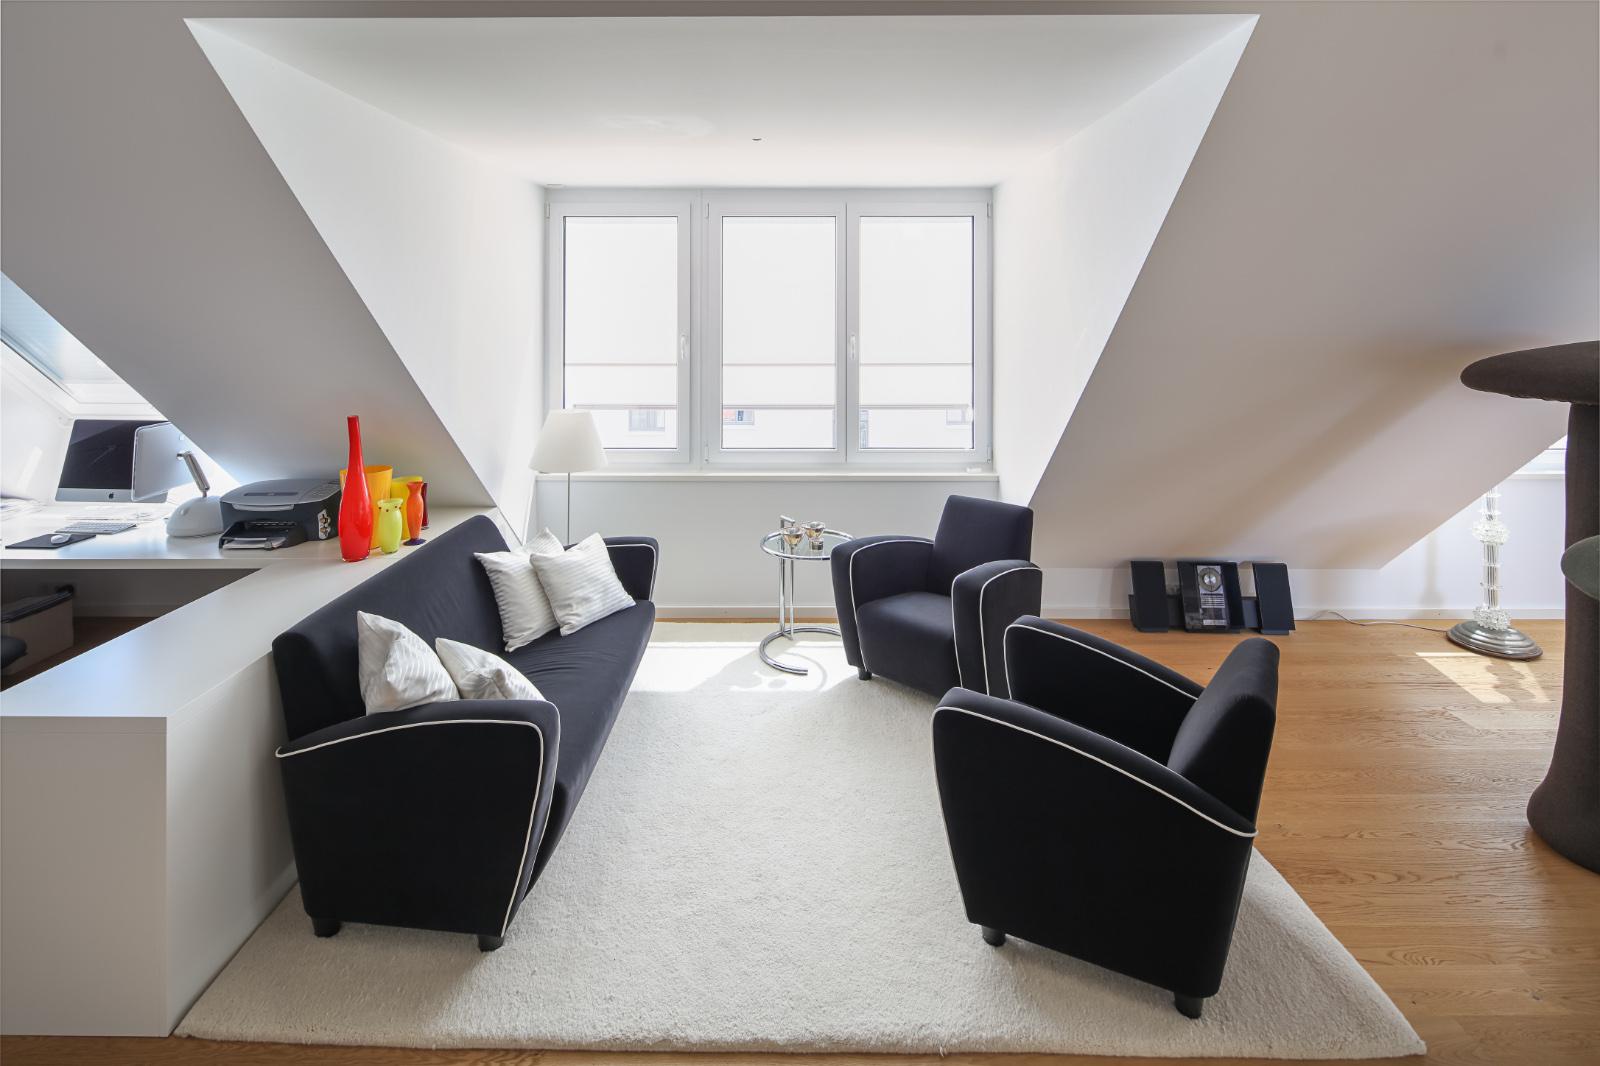 Umbau-Dachgeschossausbau-Muenchen-Schwabing-Wohnbereich-01-Friedrich-Poerschke-Zwink-Architekten-Muenchen-2012-Foto-Michael-Heinrich